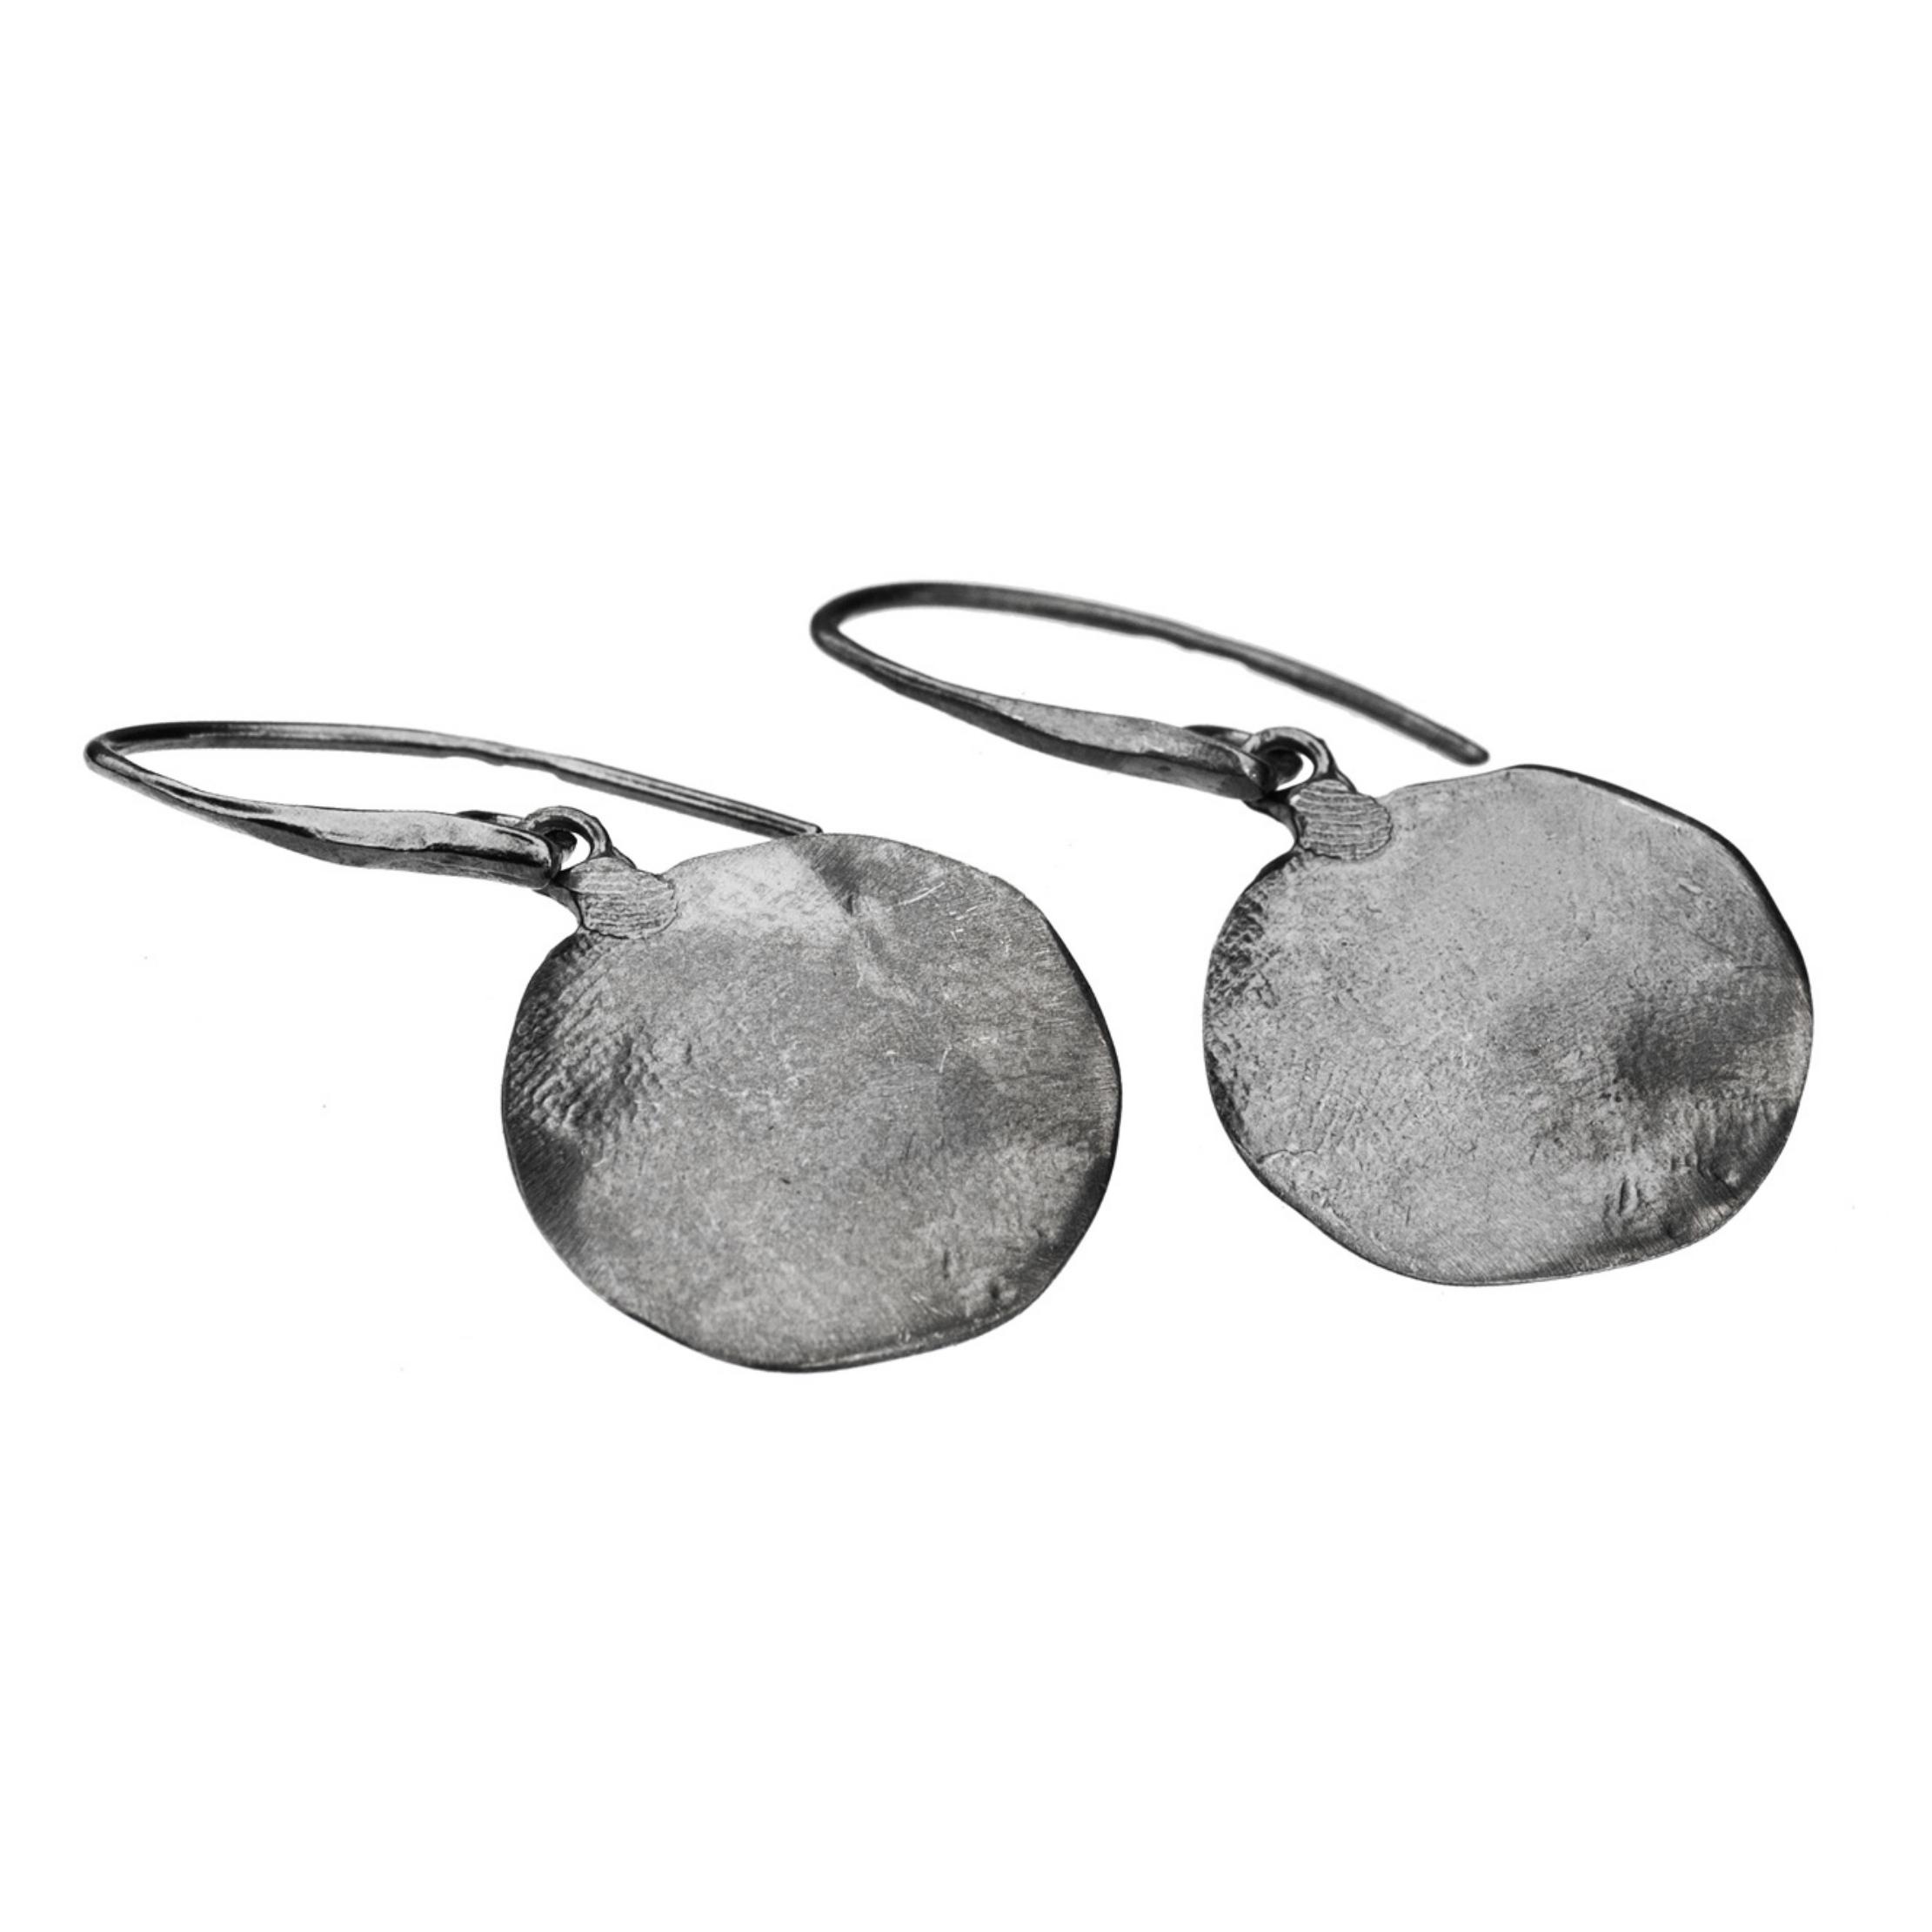 Motyle - Nefertiti Earrings MR4555